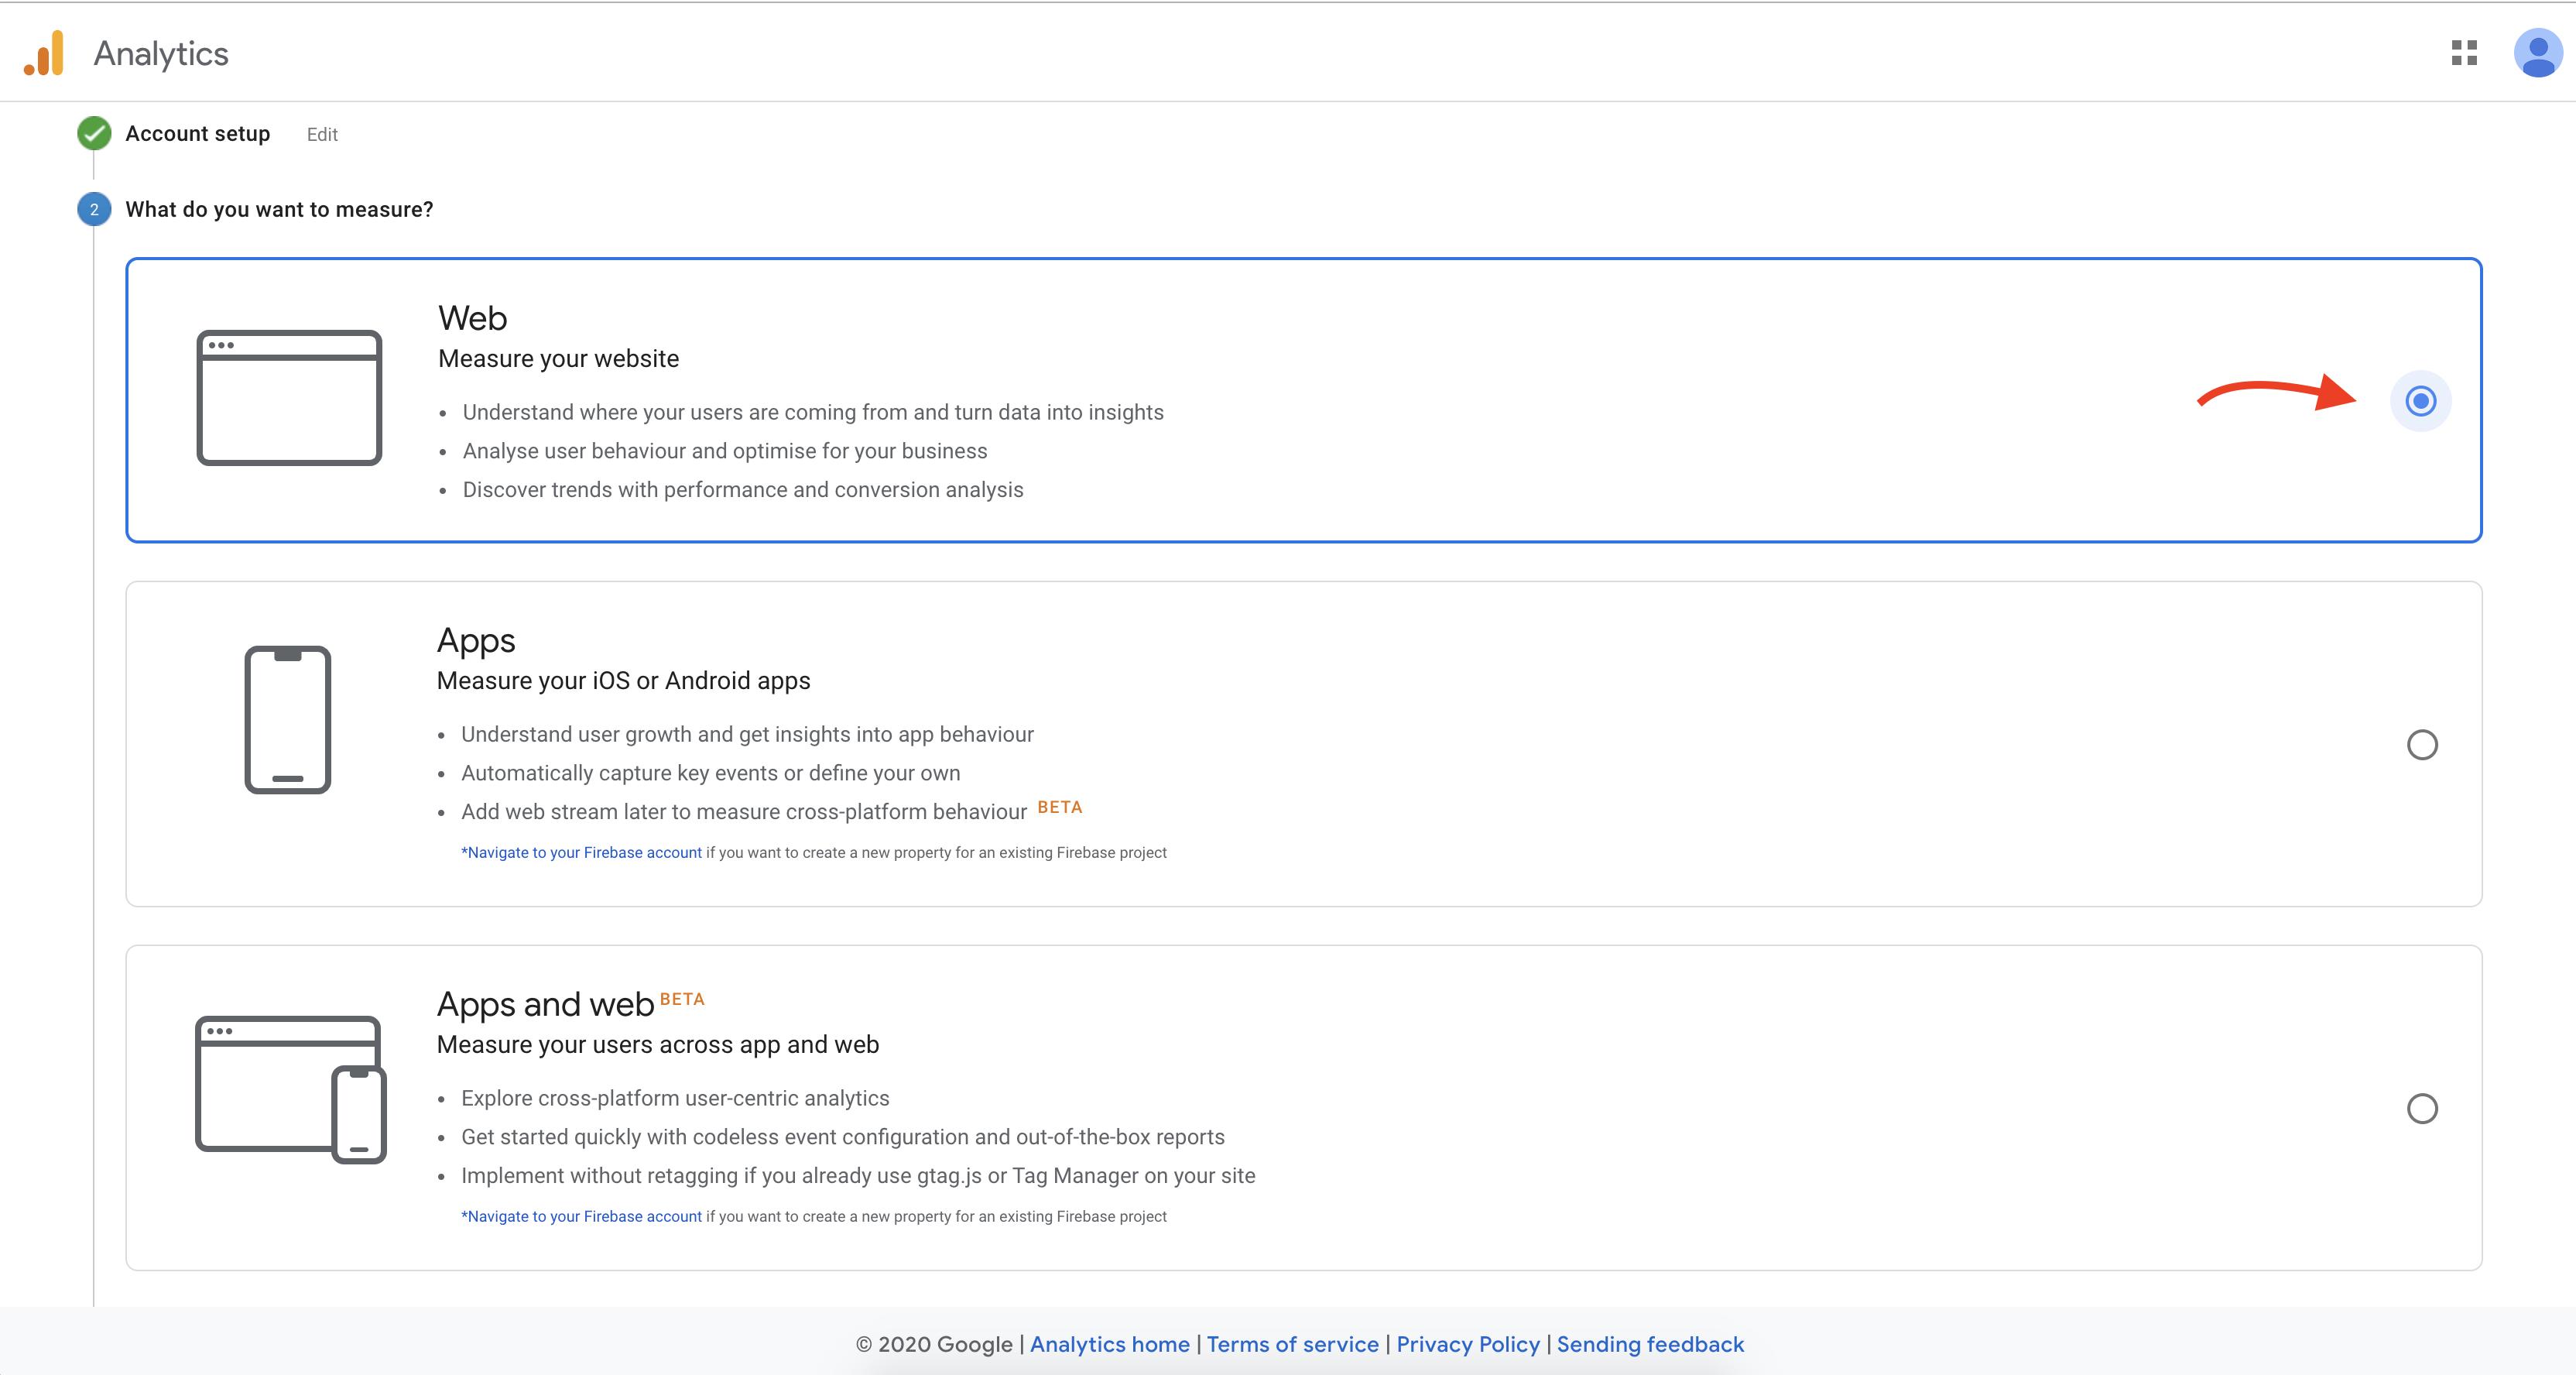 انتخاب گزینه وب در مراحل ثبت نام در گوگل آنالیتیکس